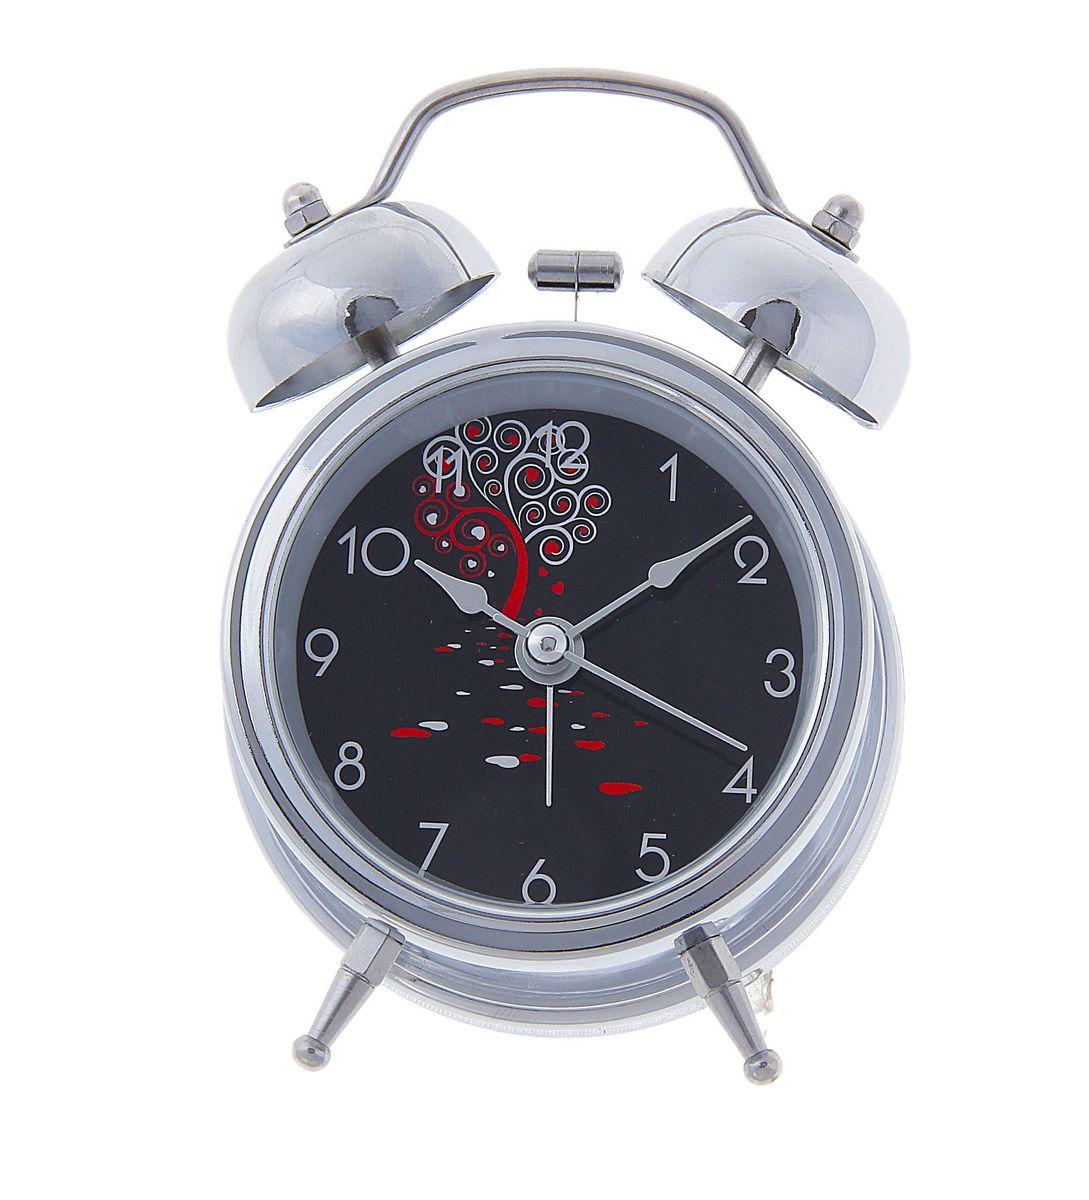 Часы-будильник Sima-land. 127202127202Как же сложно иногда вставать вовремя! Всегда так хочется поспать еще хотябы 5 минут ибывает,что мы просыпаем. Теперь этого не случится! Яркий, оригинальный будильникSima-land поможет вам всегдавставать в нужное время и успевать везде и всюду. Время показывает точно ибудит в установленный час. Будильник украсит вашу комнату и приведет ввосхищение друзей.На задней панели будильника расположеныпереключатель включения/выключения механизма и два колесика для настройки текущего времени и времени звонка будильника. Также будильник оснащен кнопкой, при нажатии и удержании которой, подсвечивается циферблат. Будильник работает от 1 батарейки типа AA напряжением 1,5V (не входит вкомплект).